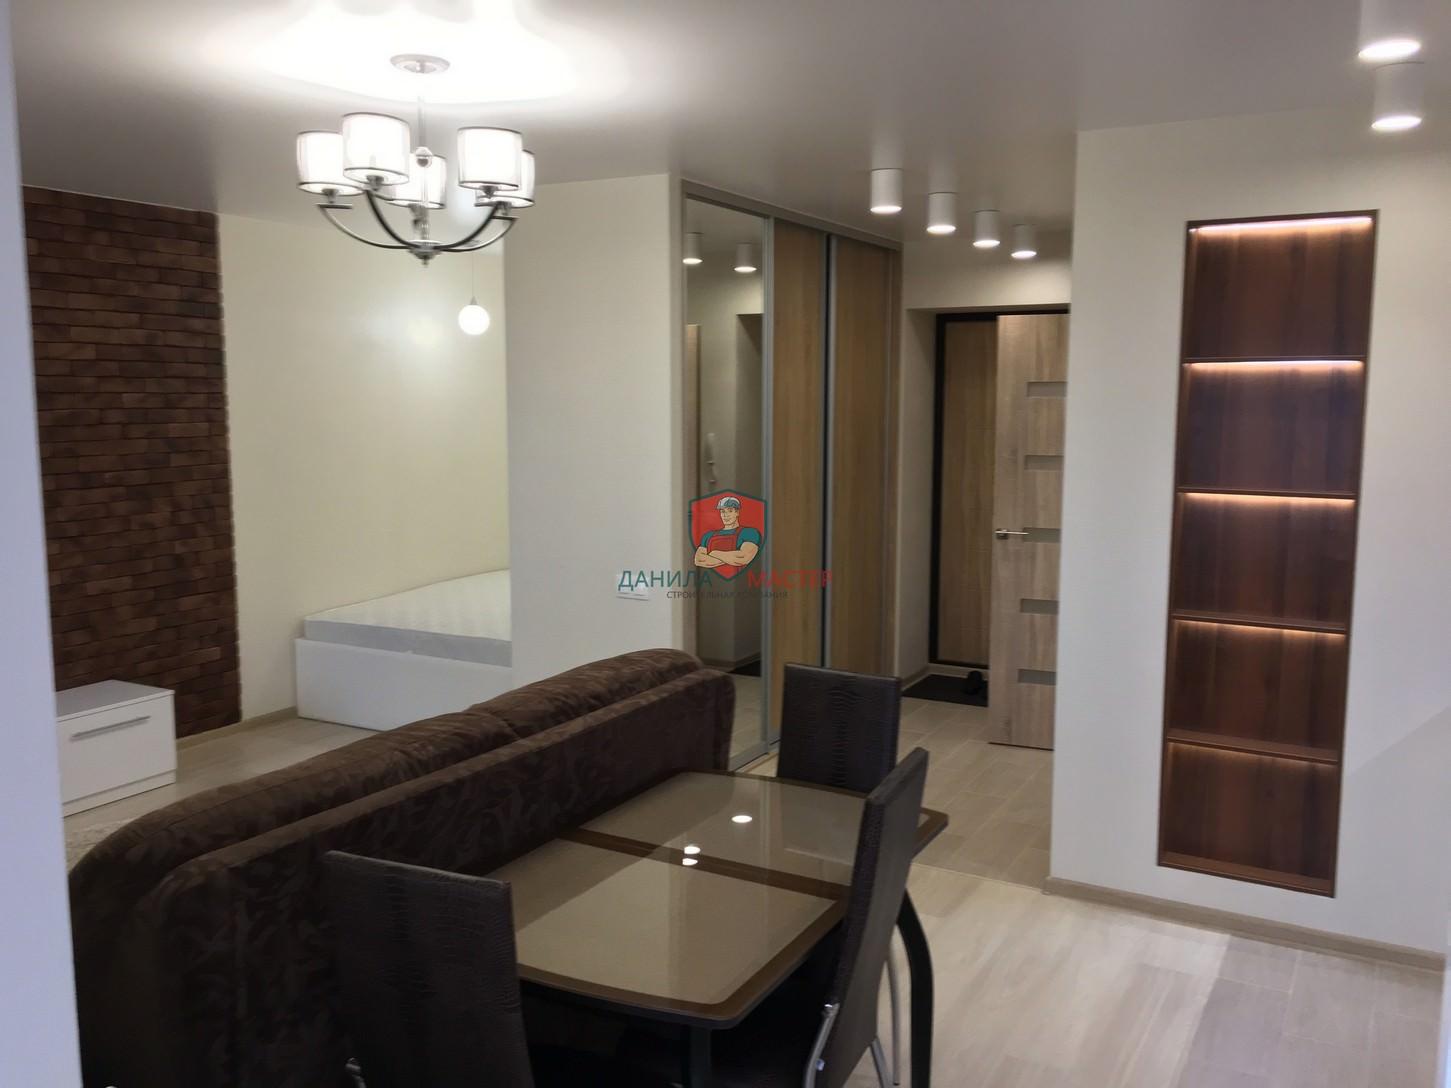 Ремонт однокомнатной квартиры под ключ по адресу: г. Киров, ул. Сурикова, 37